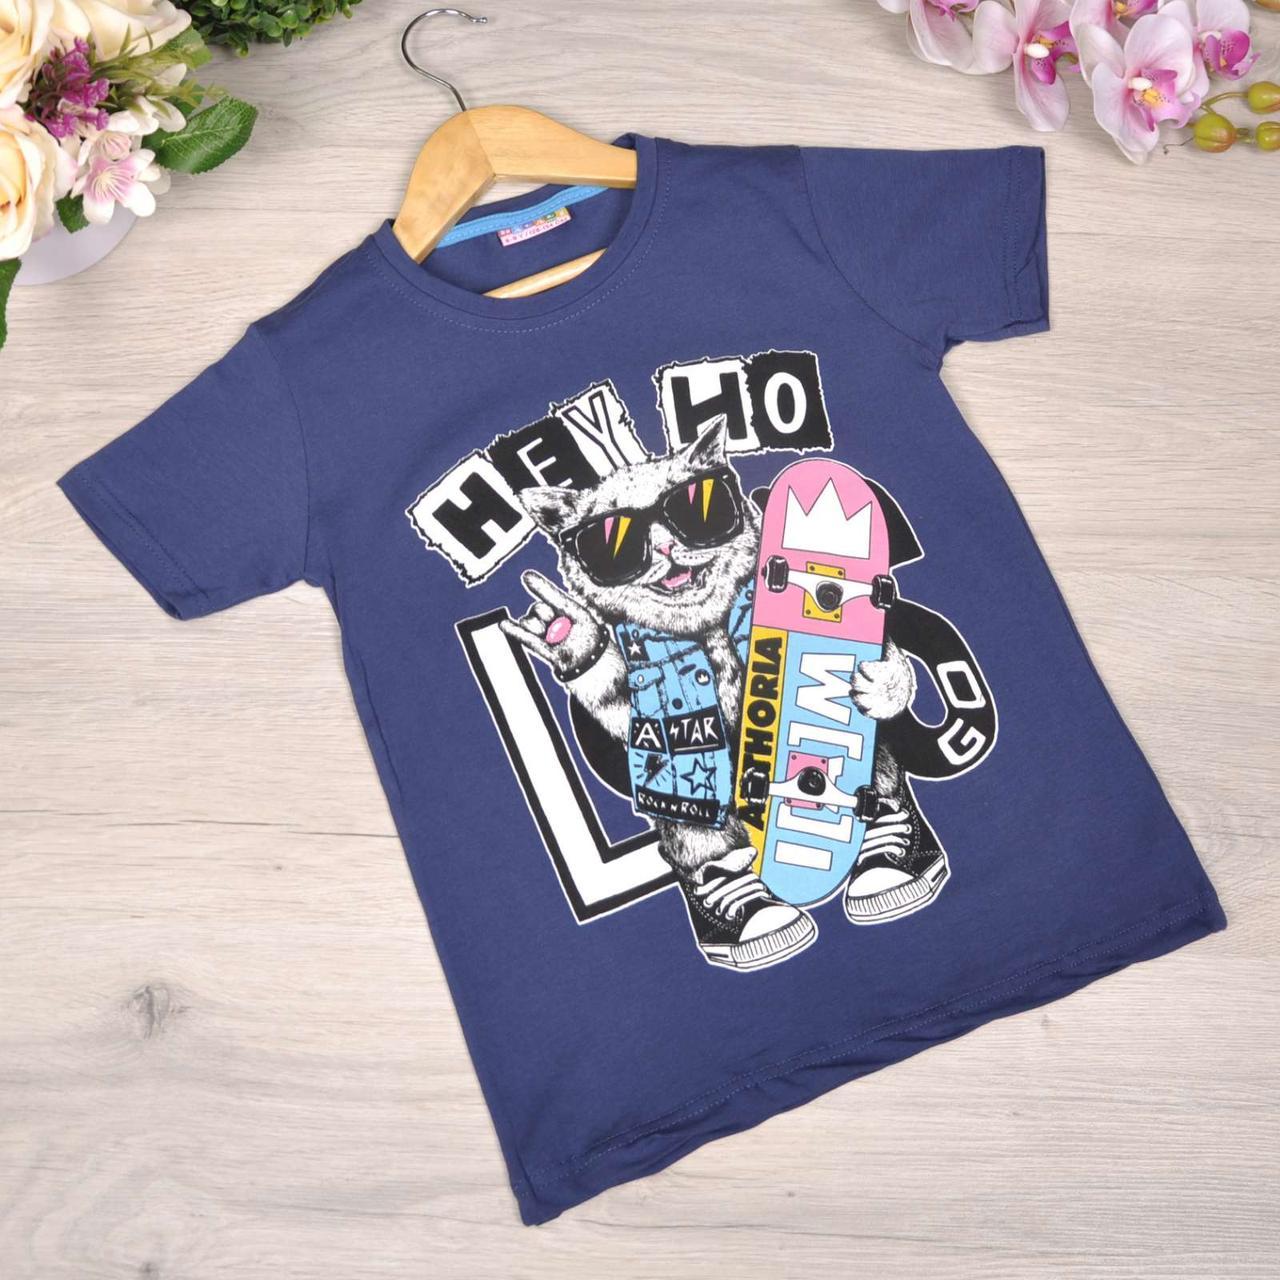 Дитяча футболка, трикотаж, для хлопчика 8-12 років (4 од. уп)